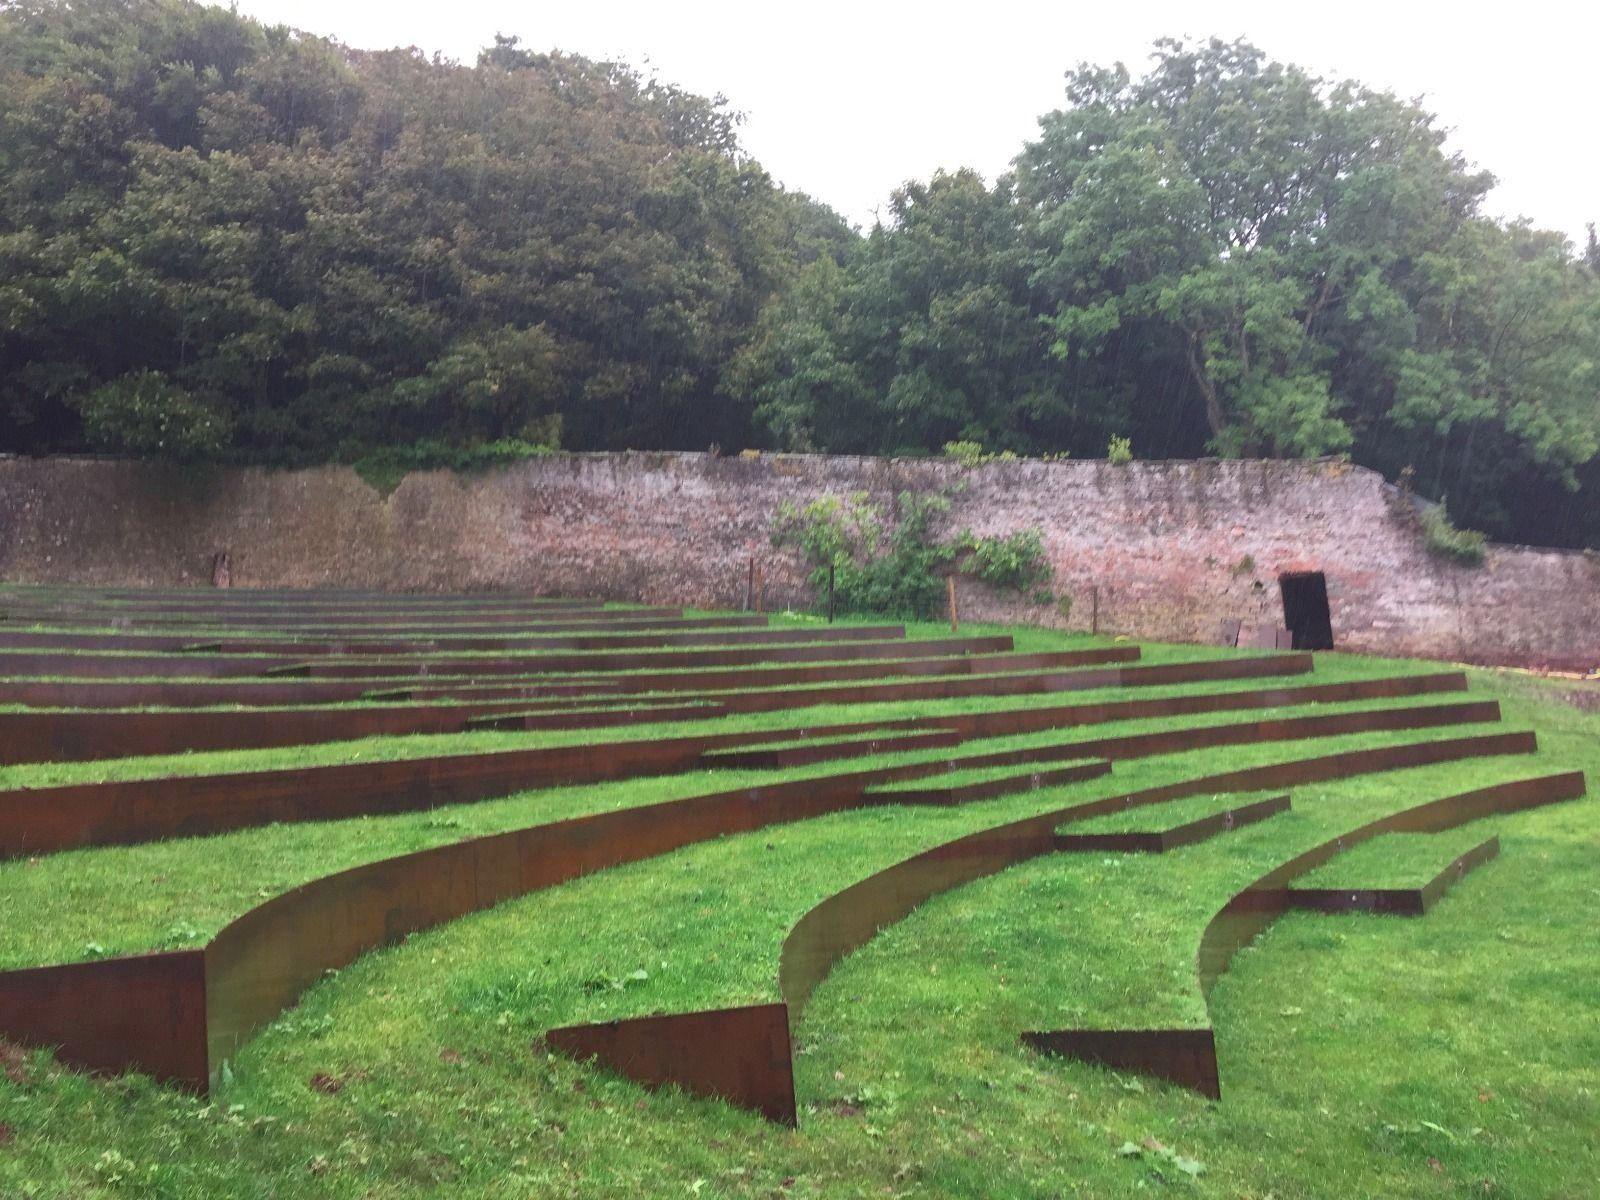 Amphitheater Made From Corten Steel Modern Design 1000 Corten Steel Corten Lawn Edging